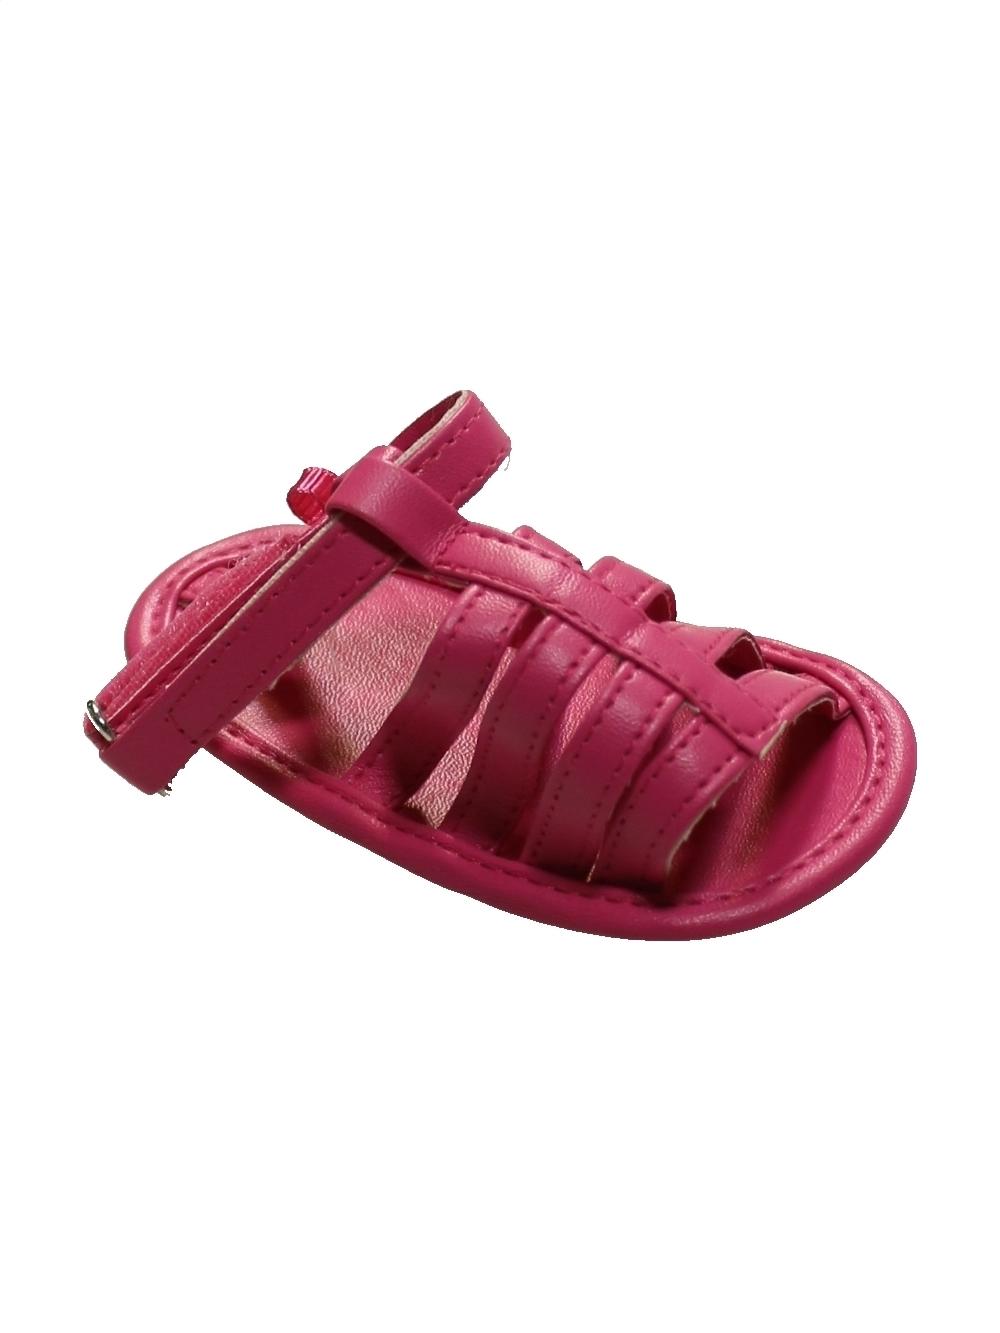 style de la mode de 2019 sortie de gros baskets pour pas cher Chaussures bébé Fille KIABI 3 mois pas cher, 2.99 € - #968339